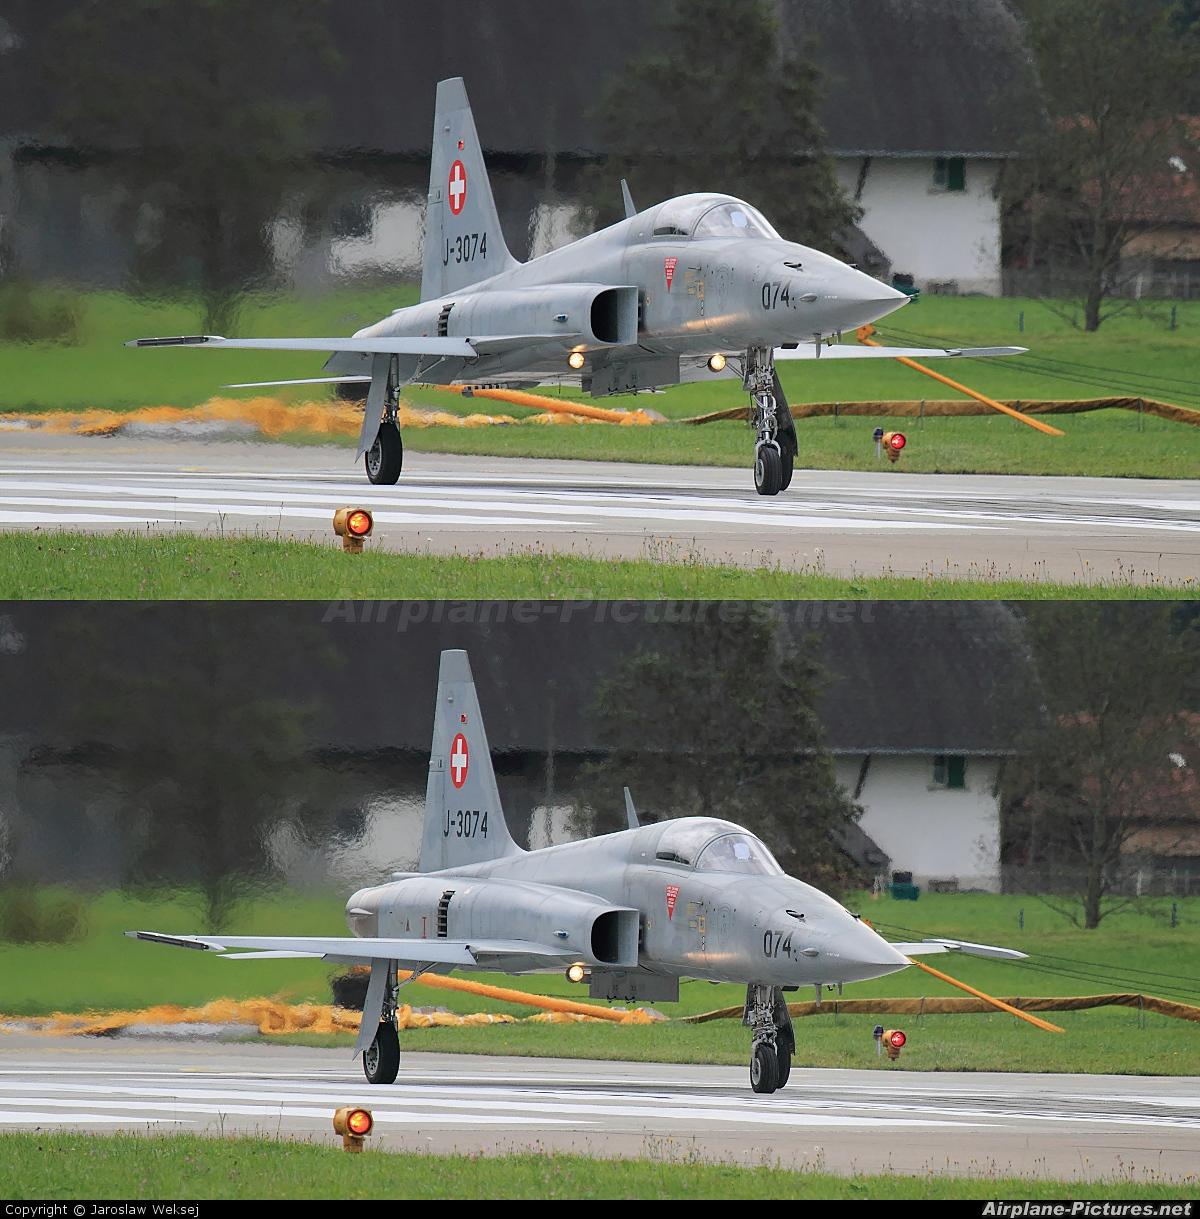 Switzerland - Air Force J-3074 aircraft at Meiringen